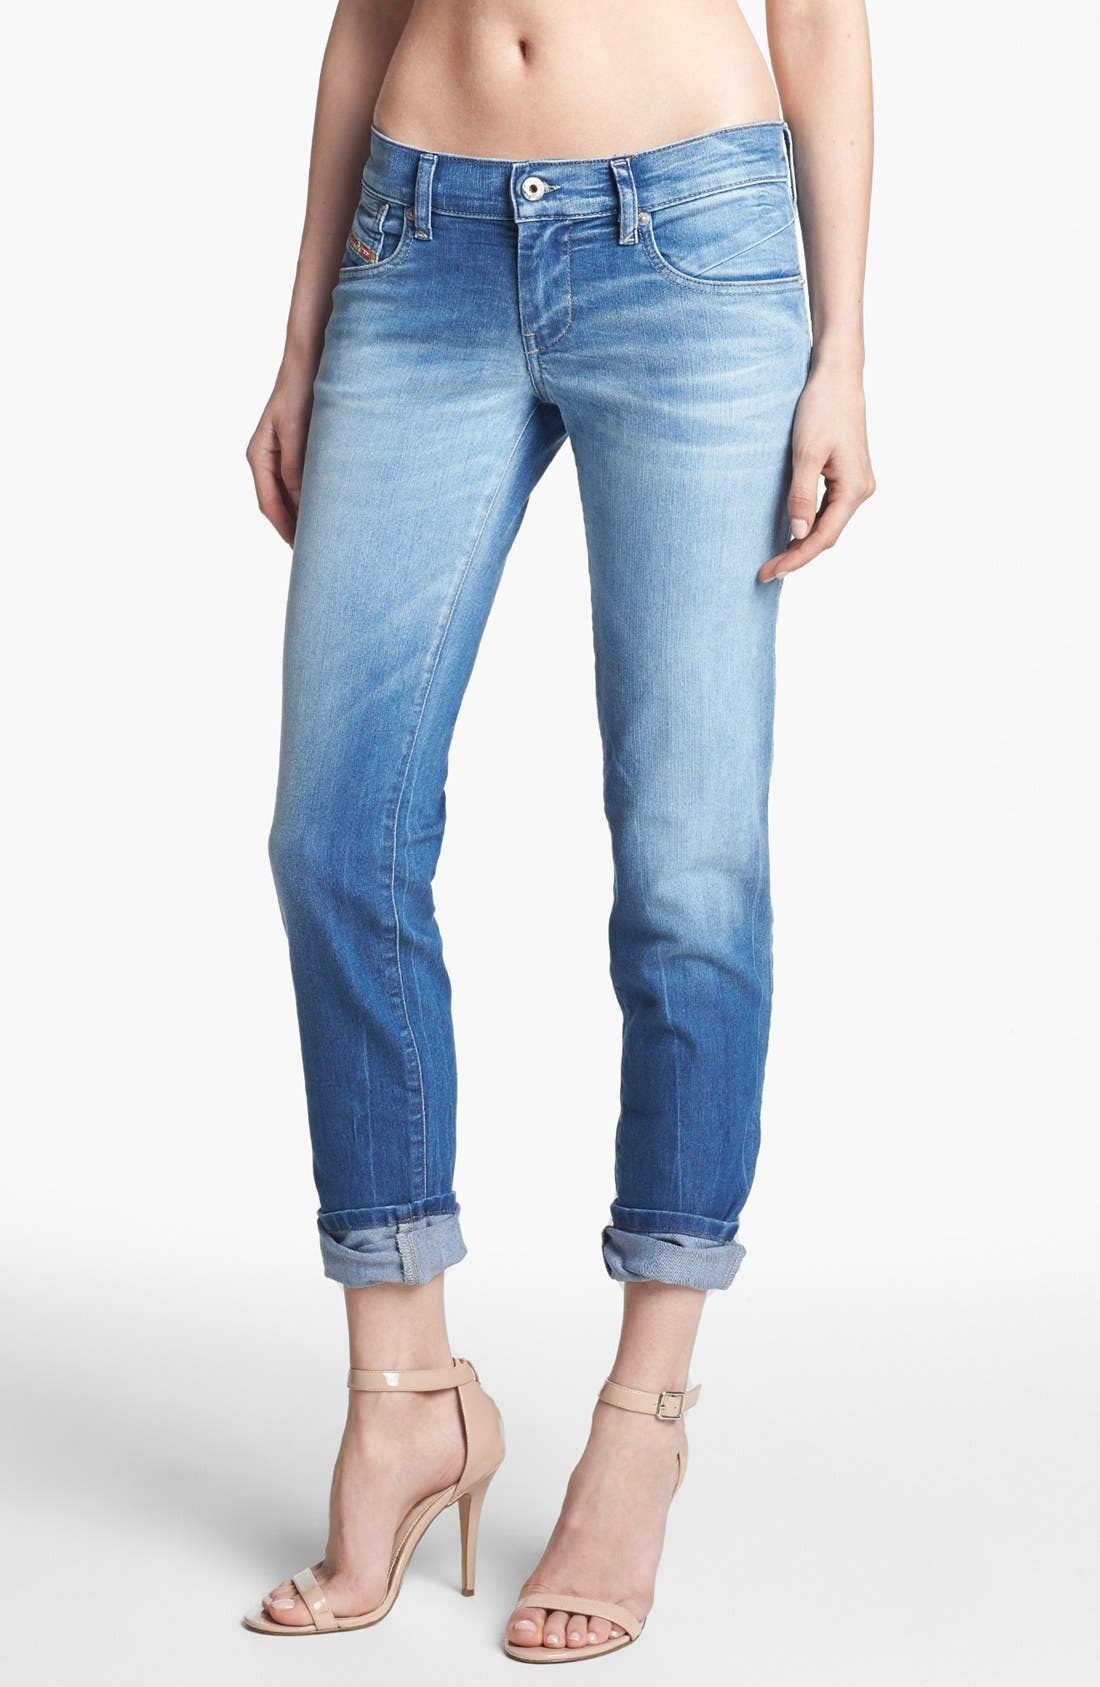 Alternate Image 1 Selected - DIESEL® 'Getlegg' Slim Skinny Jeans (Light Blue)